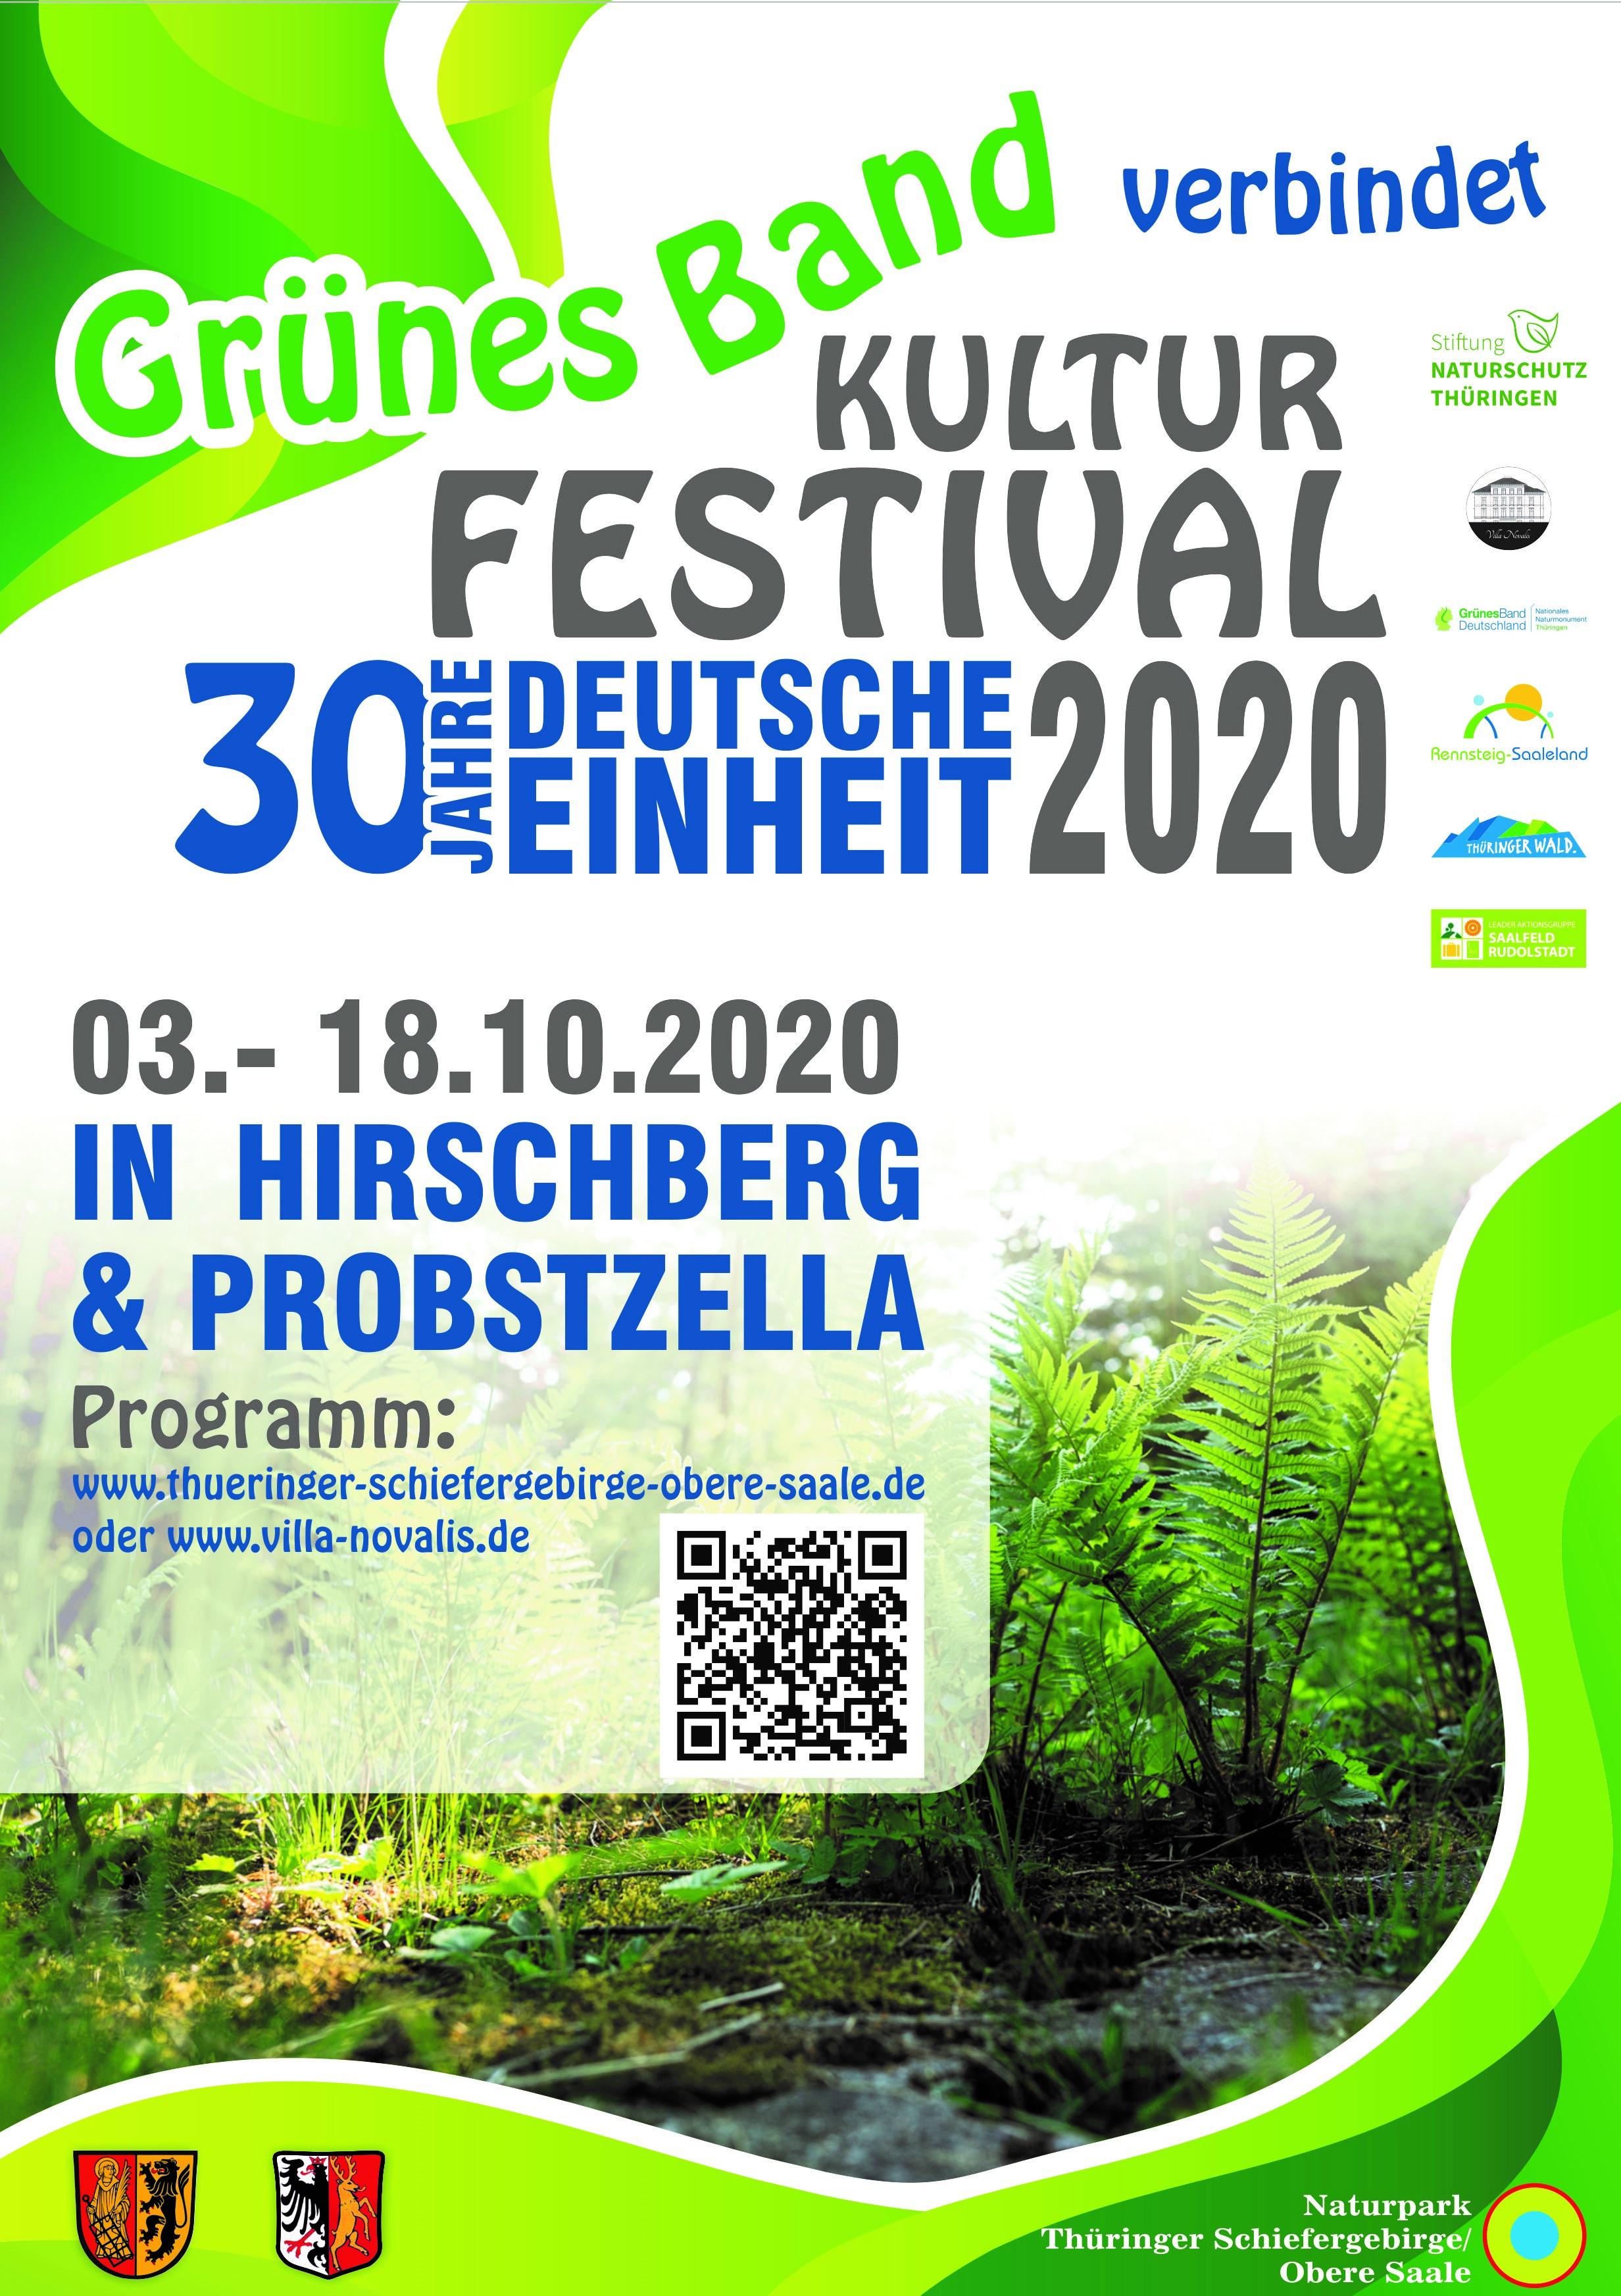 Plakat Kulturfestival am Grünen Band - 30 Jahre Deutsche Einheit (Gestaltung: Werbung Röhling, Bad Lobenstein)